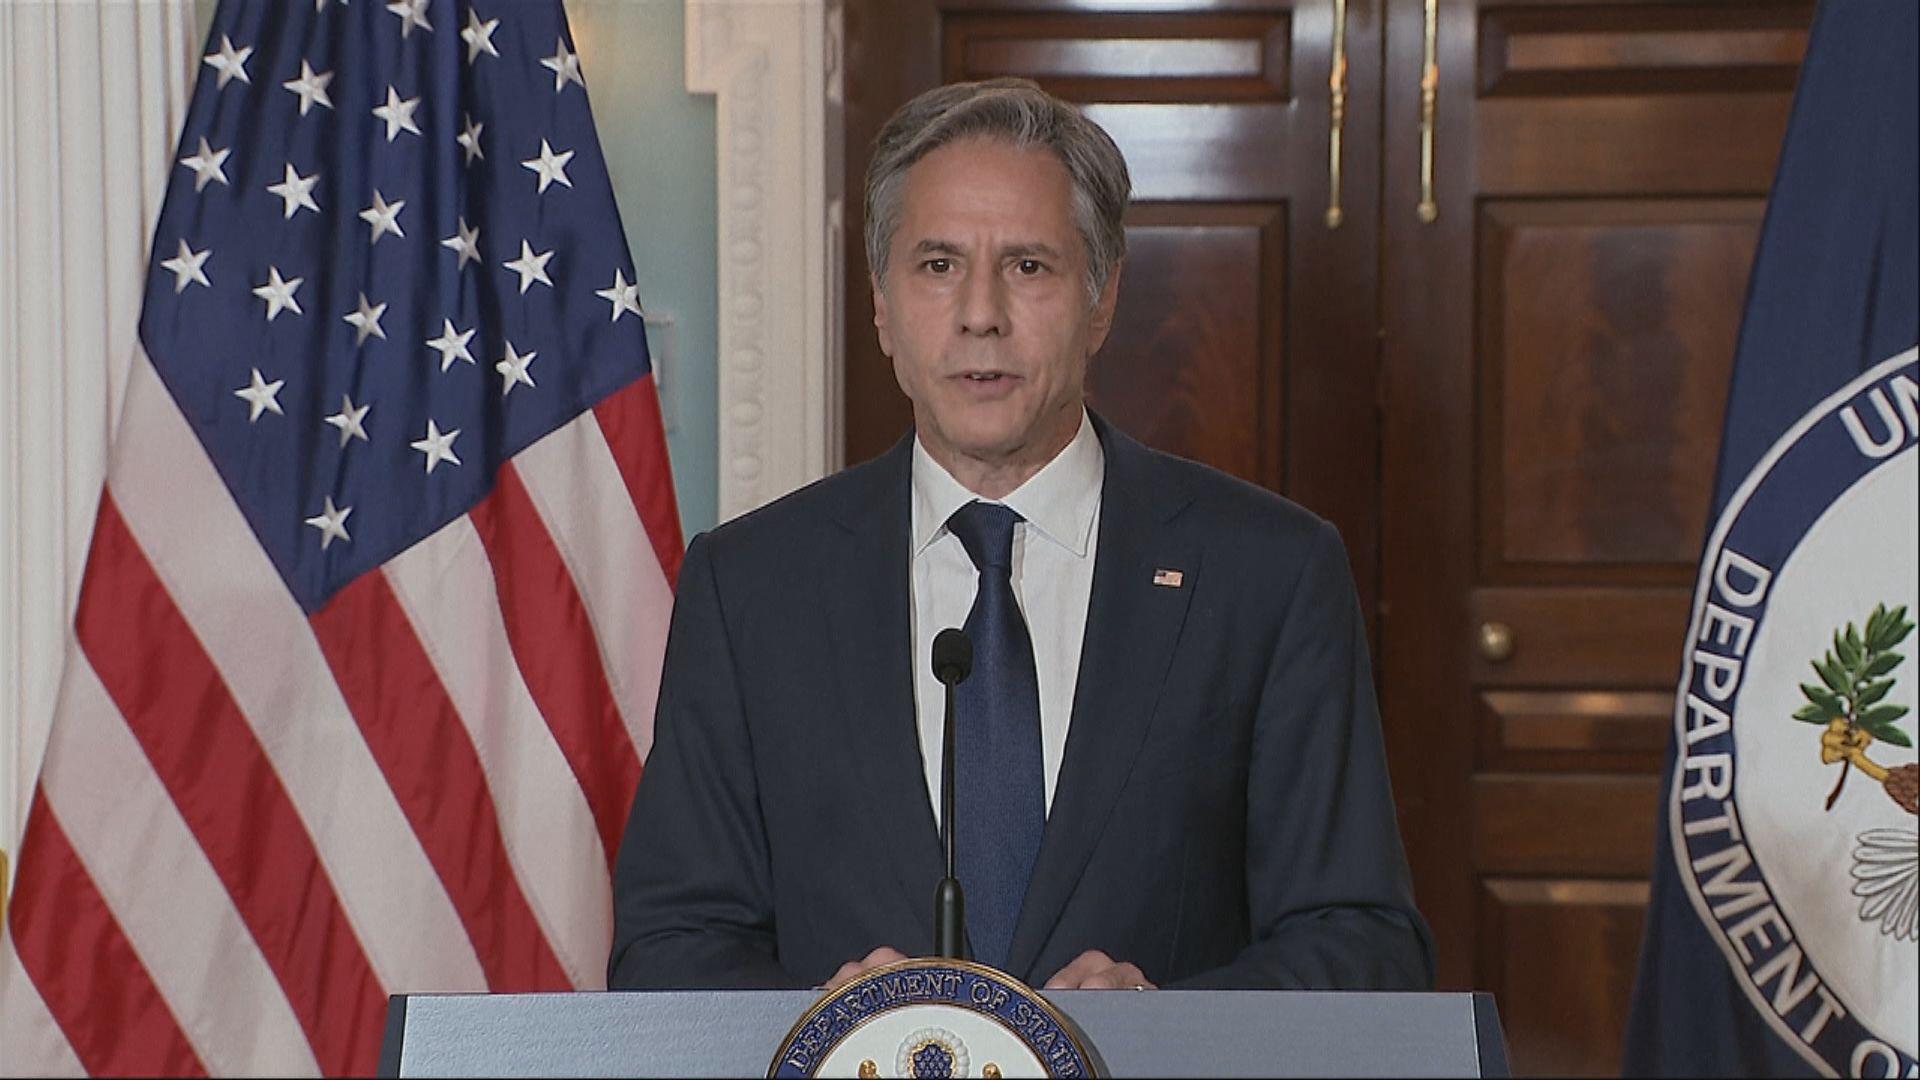 美國稱在重大國家利益前提下可跟阿富汗新政府合作